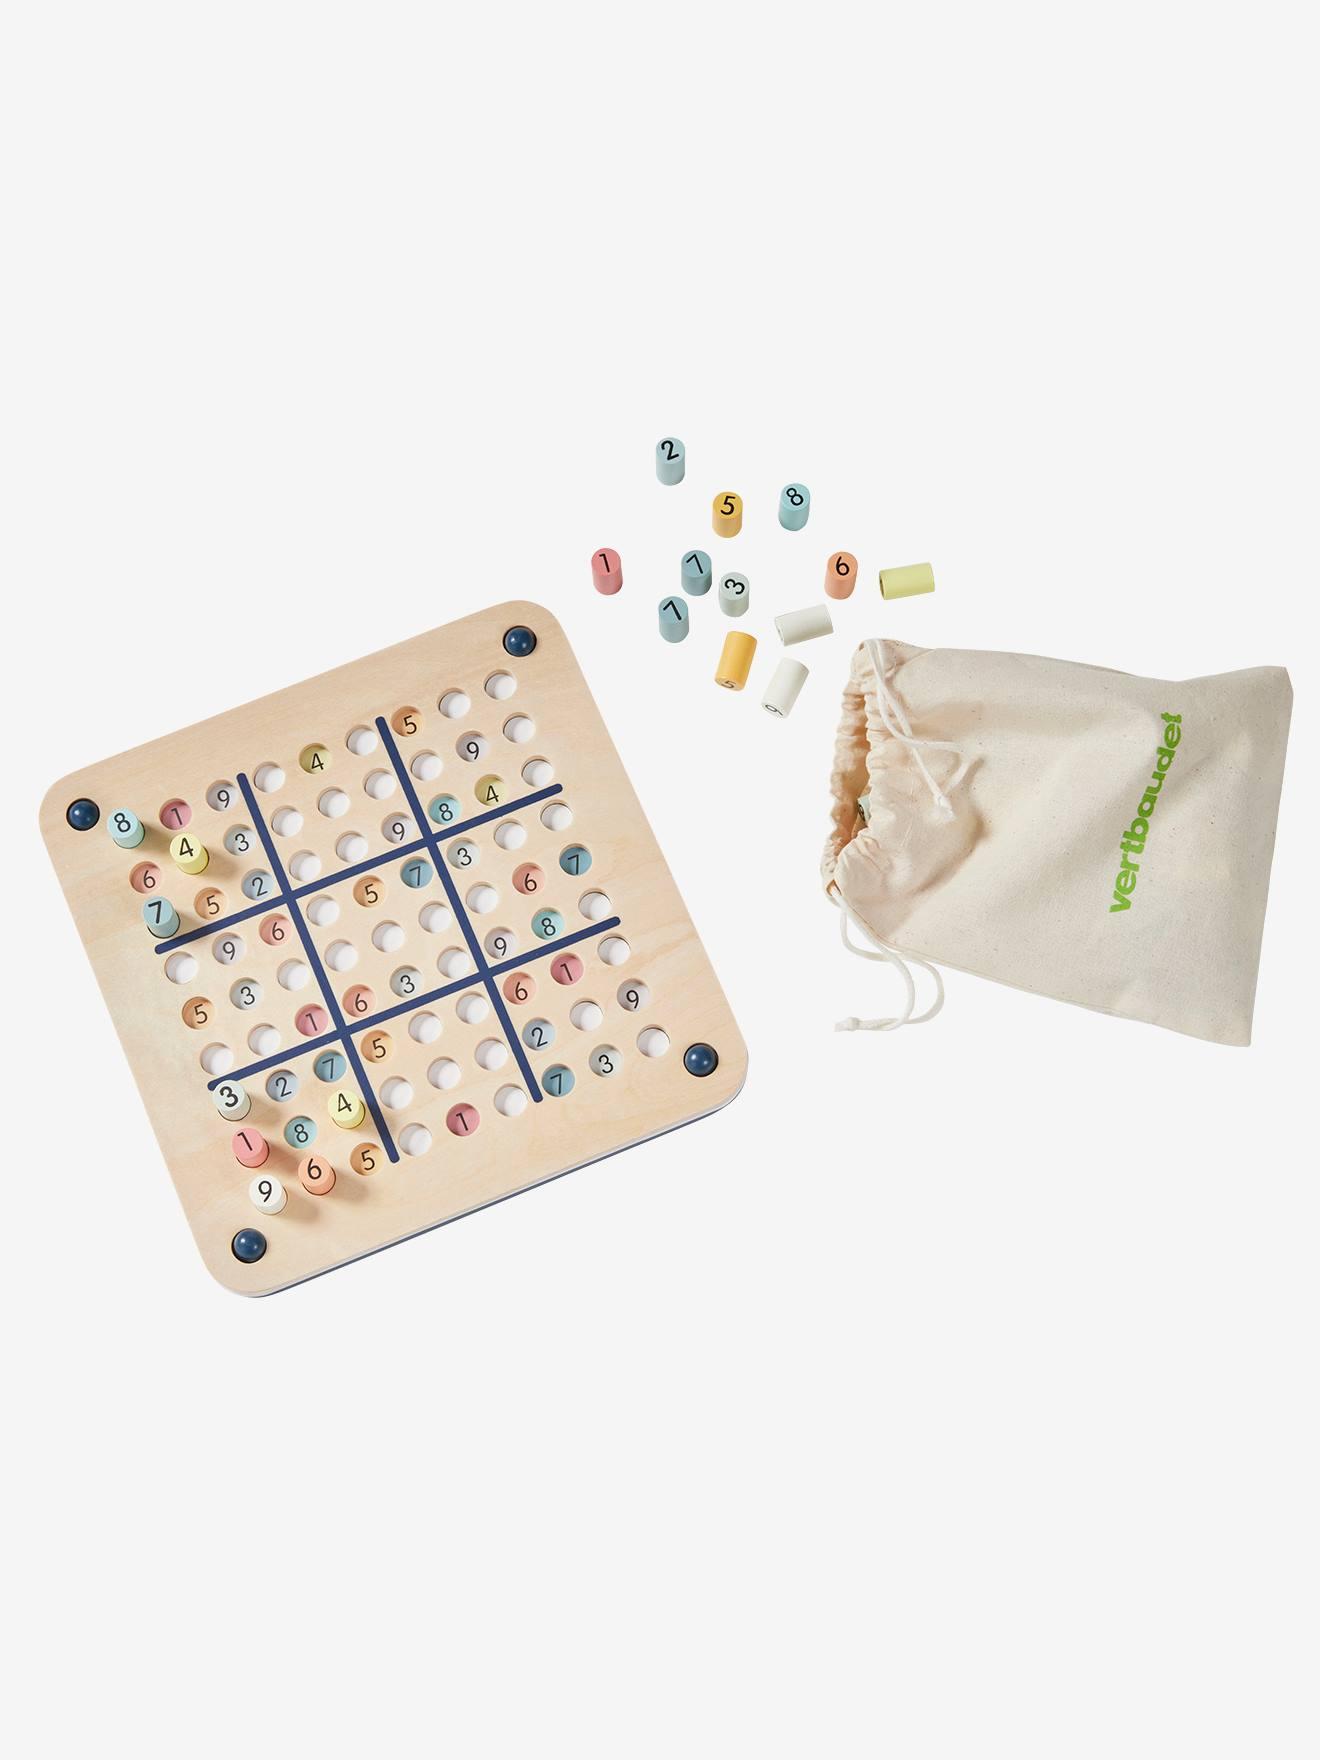 Sudoku Des Couleurs - Multicolore, Jouet à Sudoku Vierge